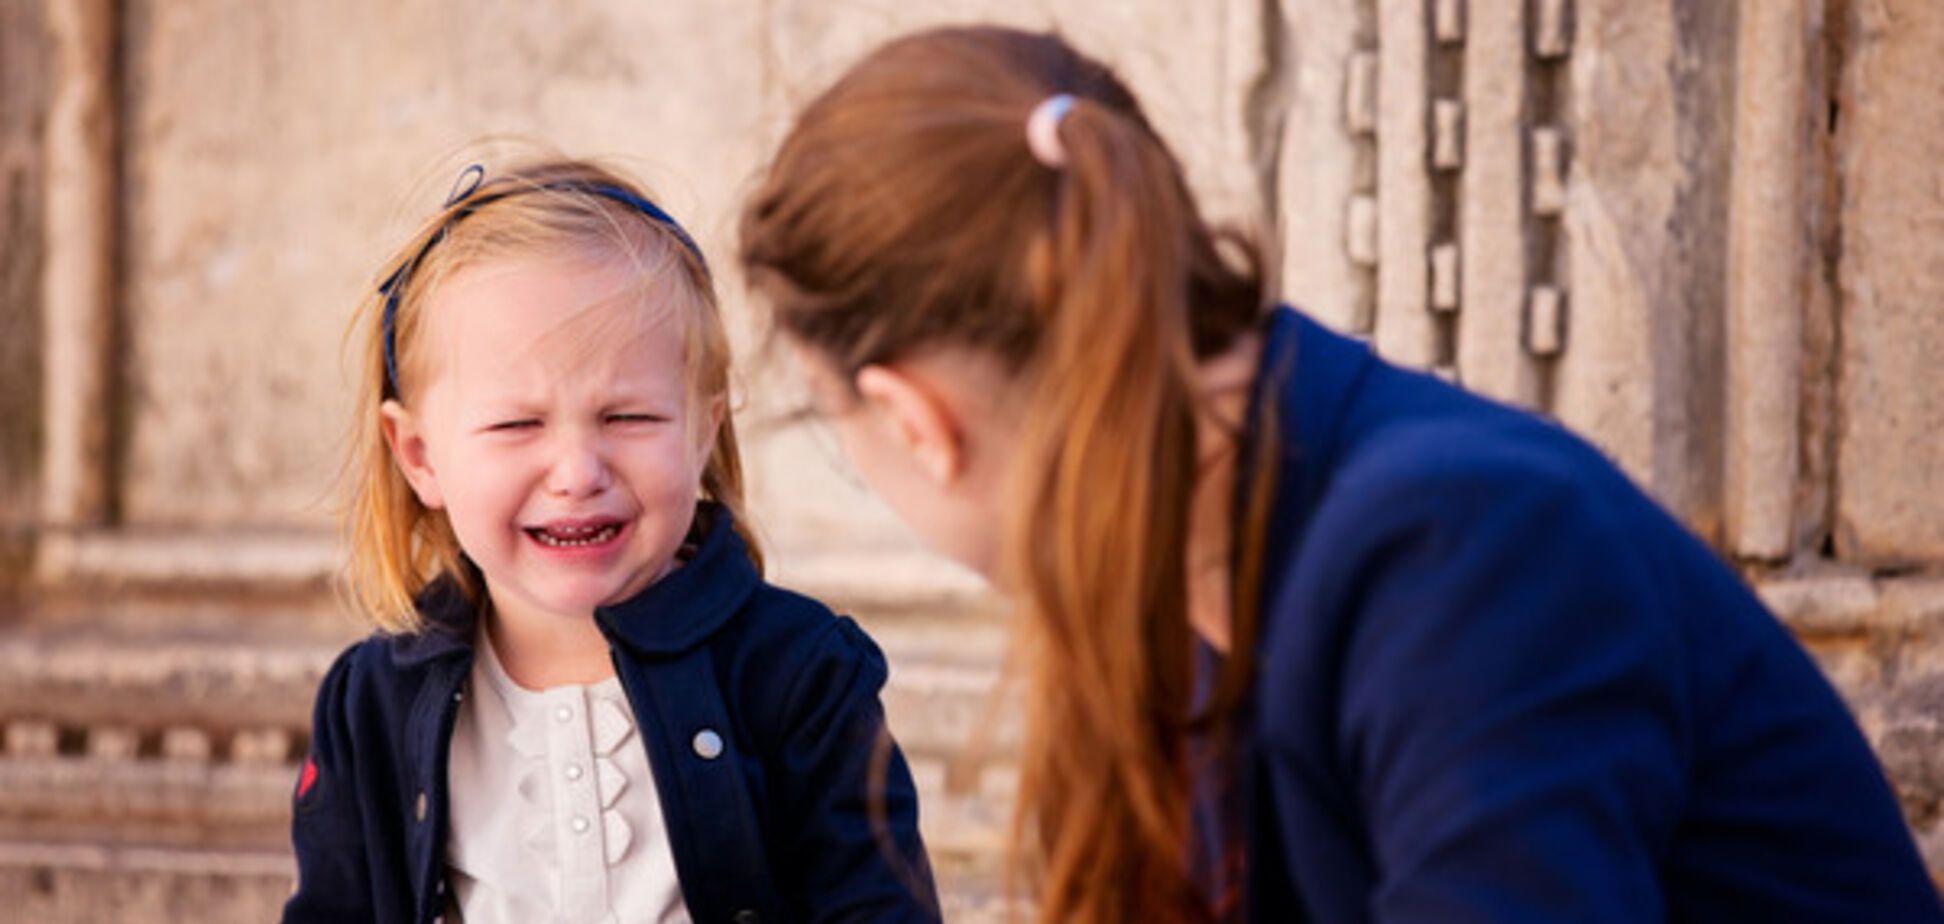 'Мама, ты плохая!'. Почему дети обесценивают родителей и что с этим делать?